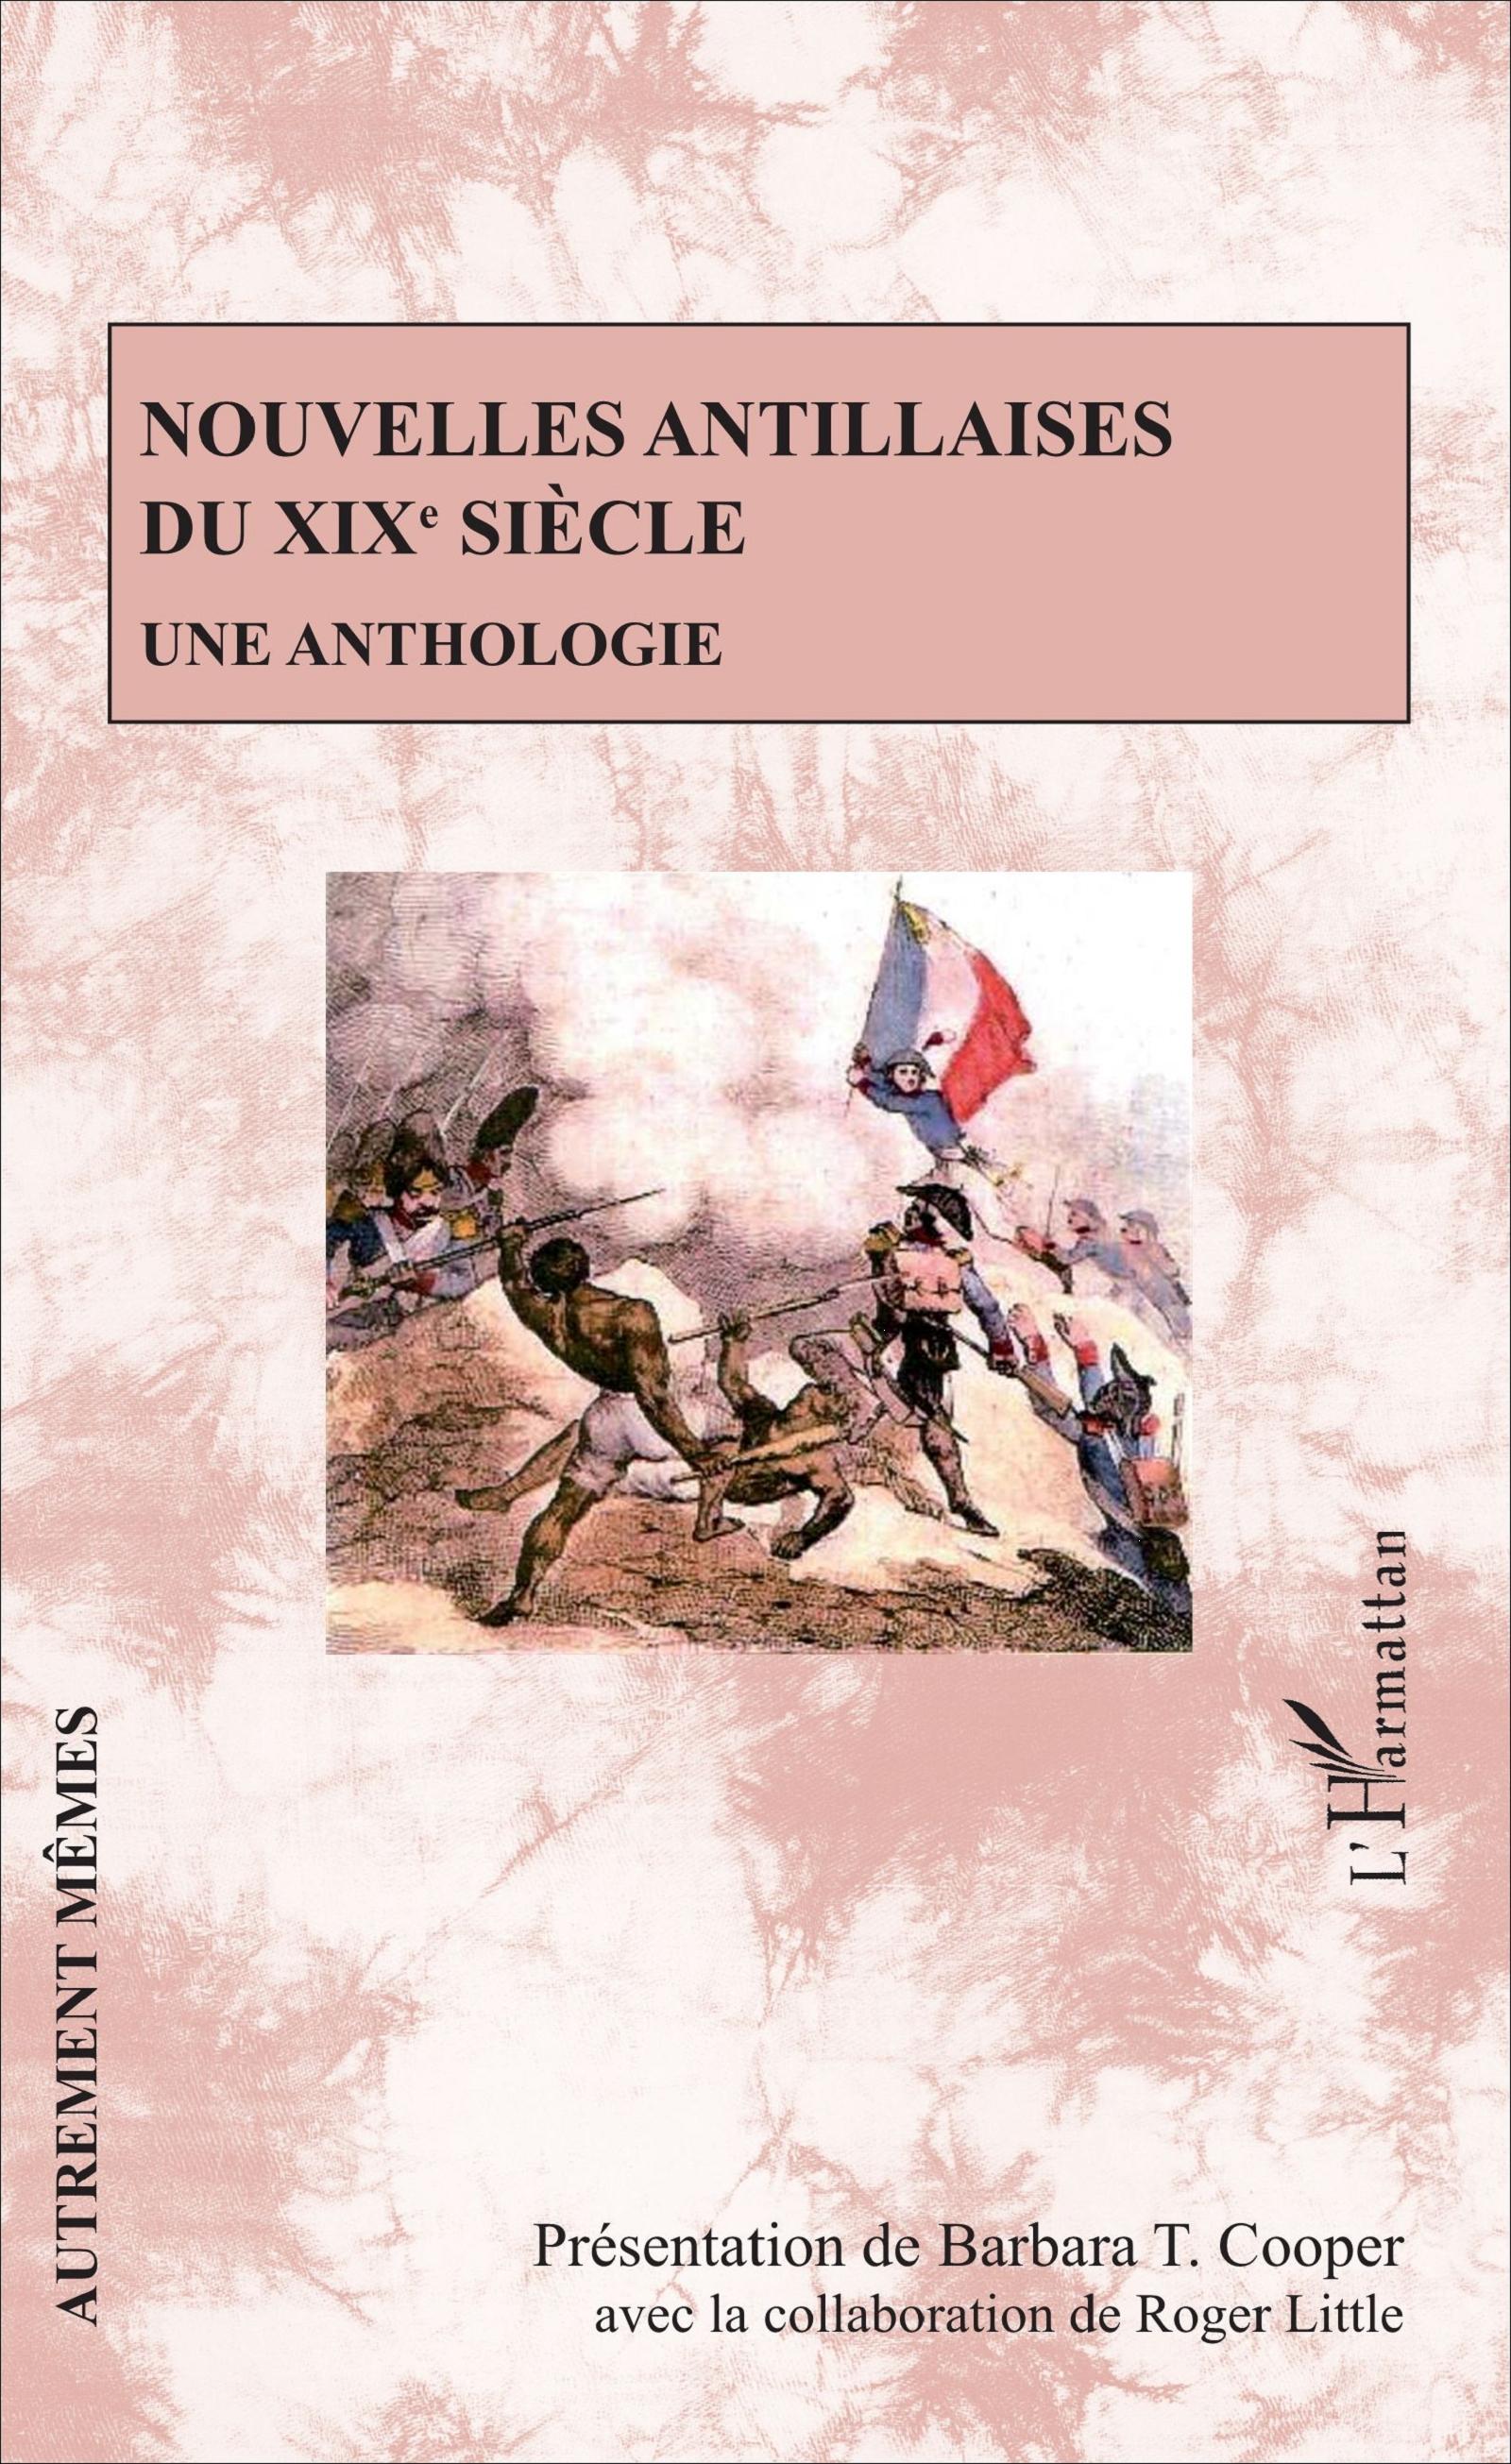 Nouvelles antillaises du XIXe s. (B. T. Cooper et R. Little éd.)